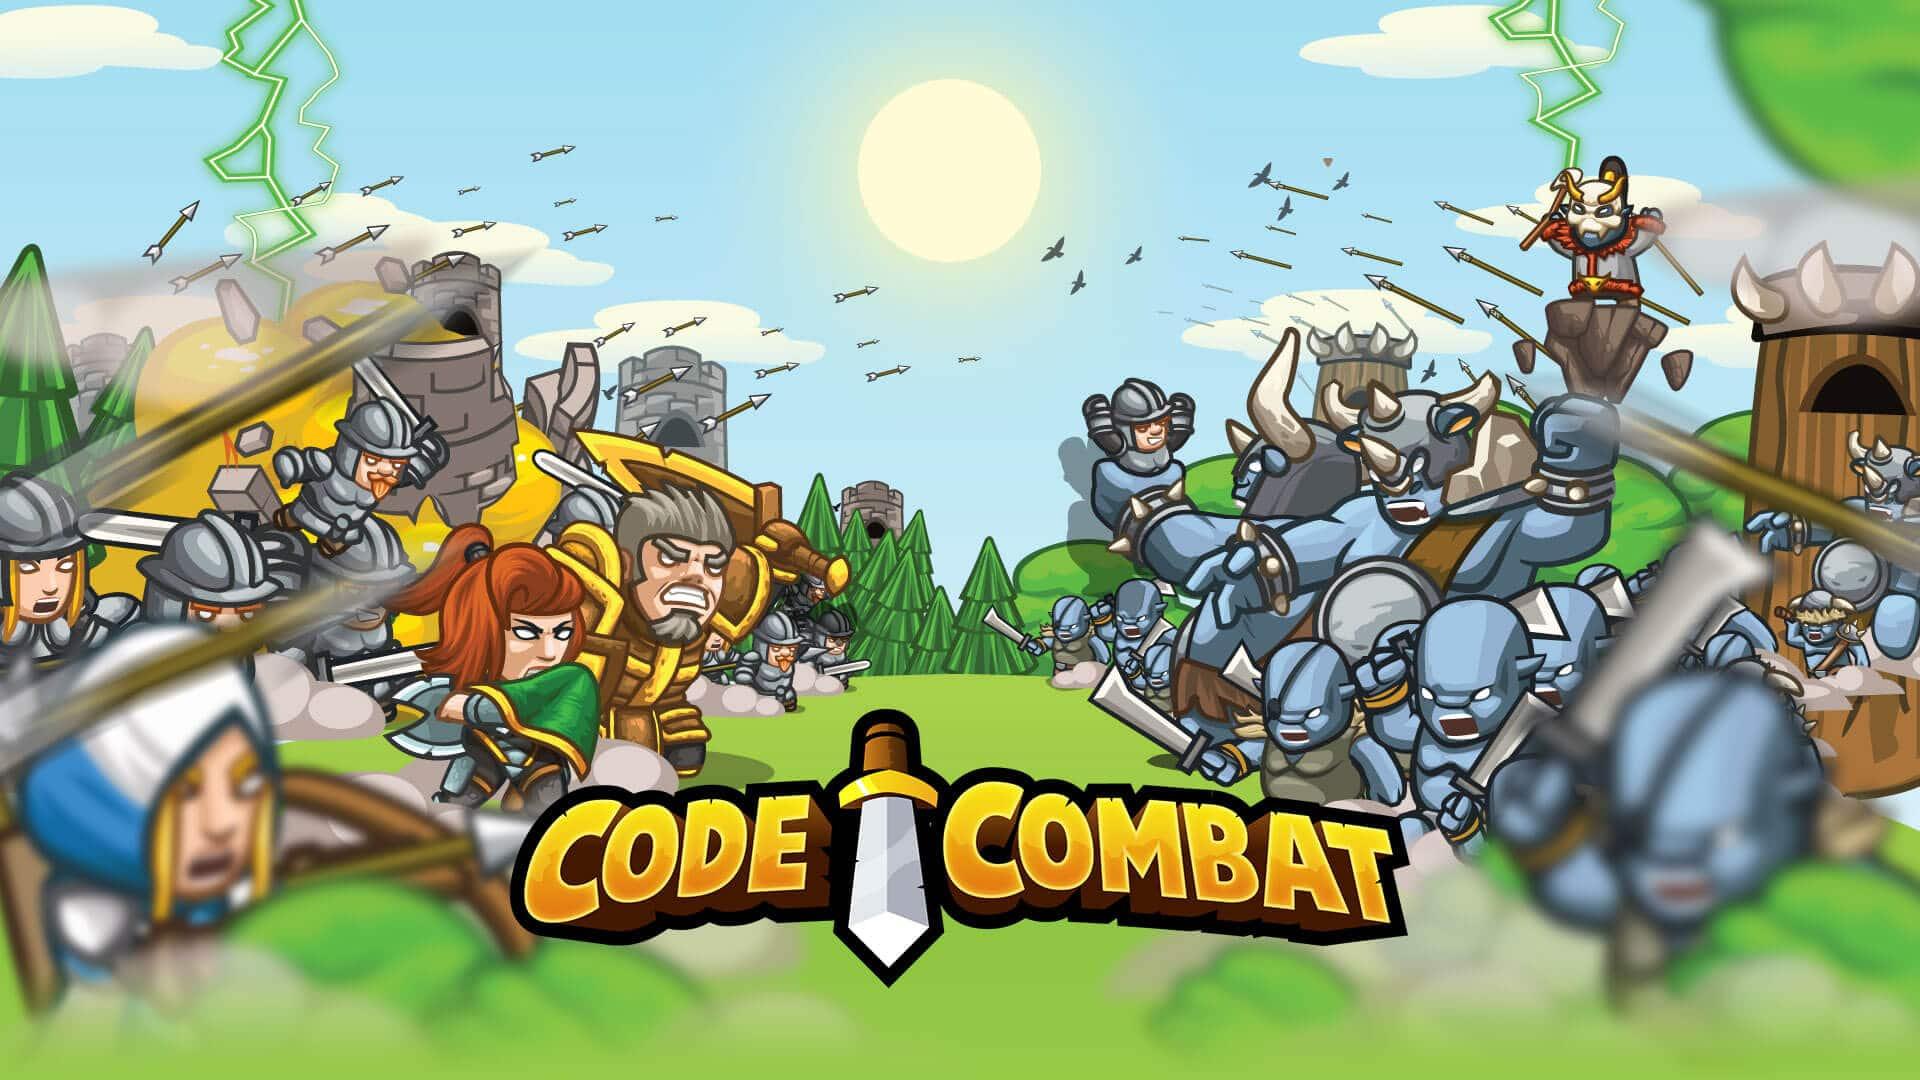 Apprendre à coder en s'amusant avec CodeCombat